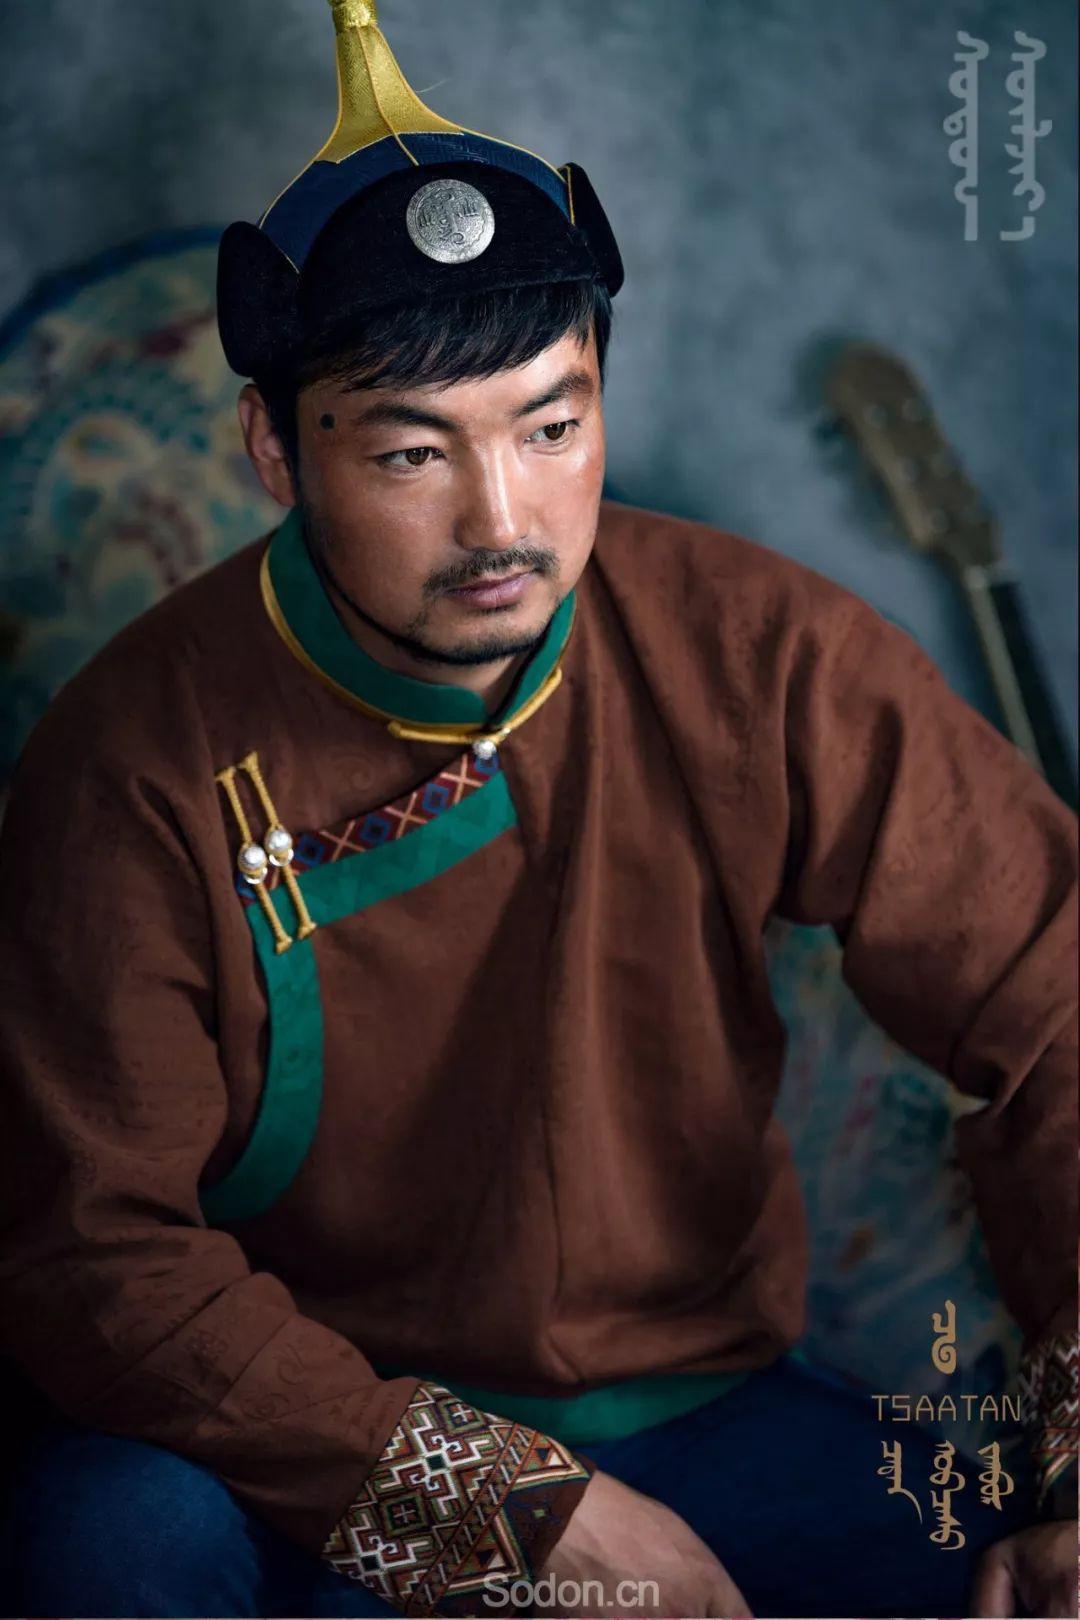 TSAATAN蒙古时装 2019新款,来自驯鹿人的独特魅力! 第43张 TSAATAN蒙古时装 2019新款,来自驯鹿人的独特魅力! 蒙古服饰